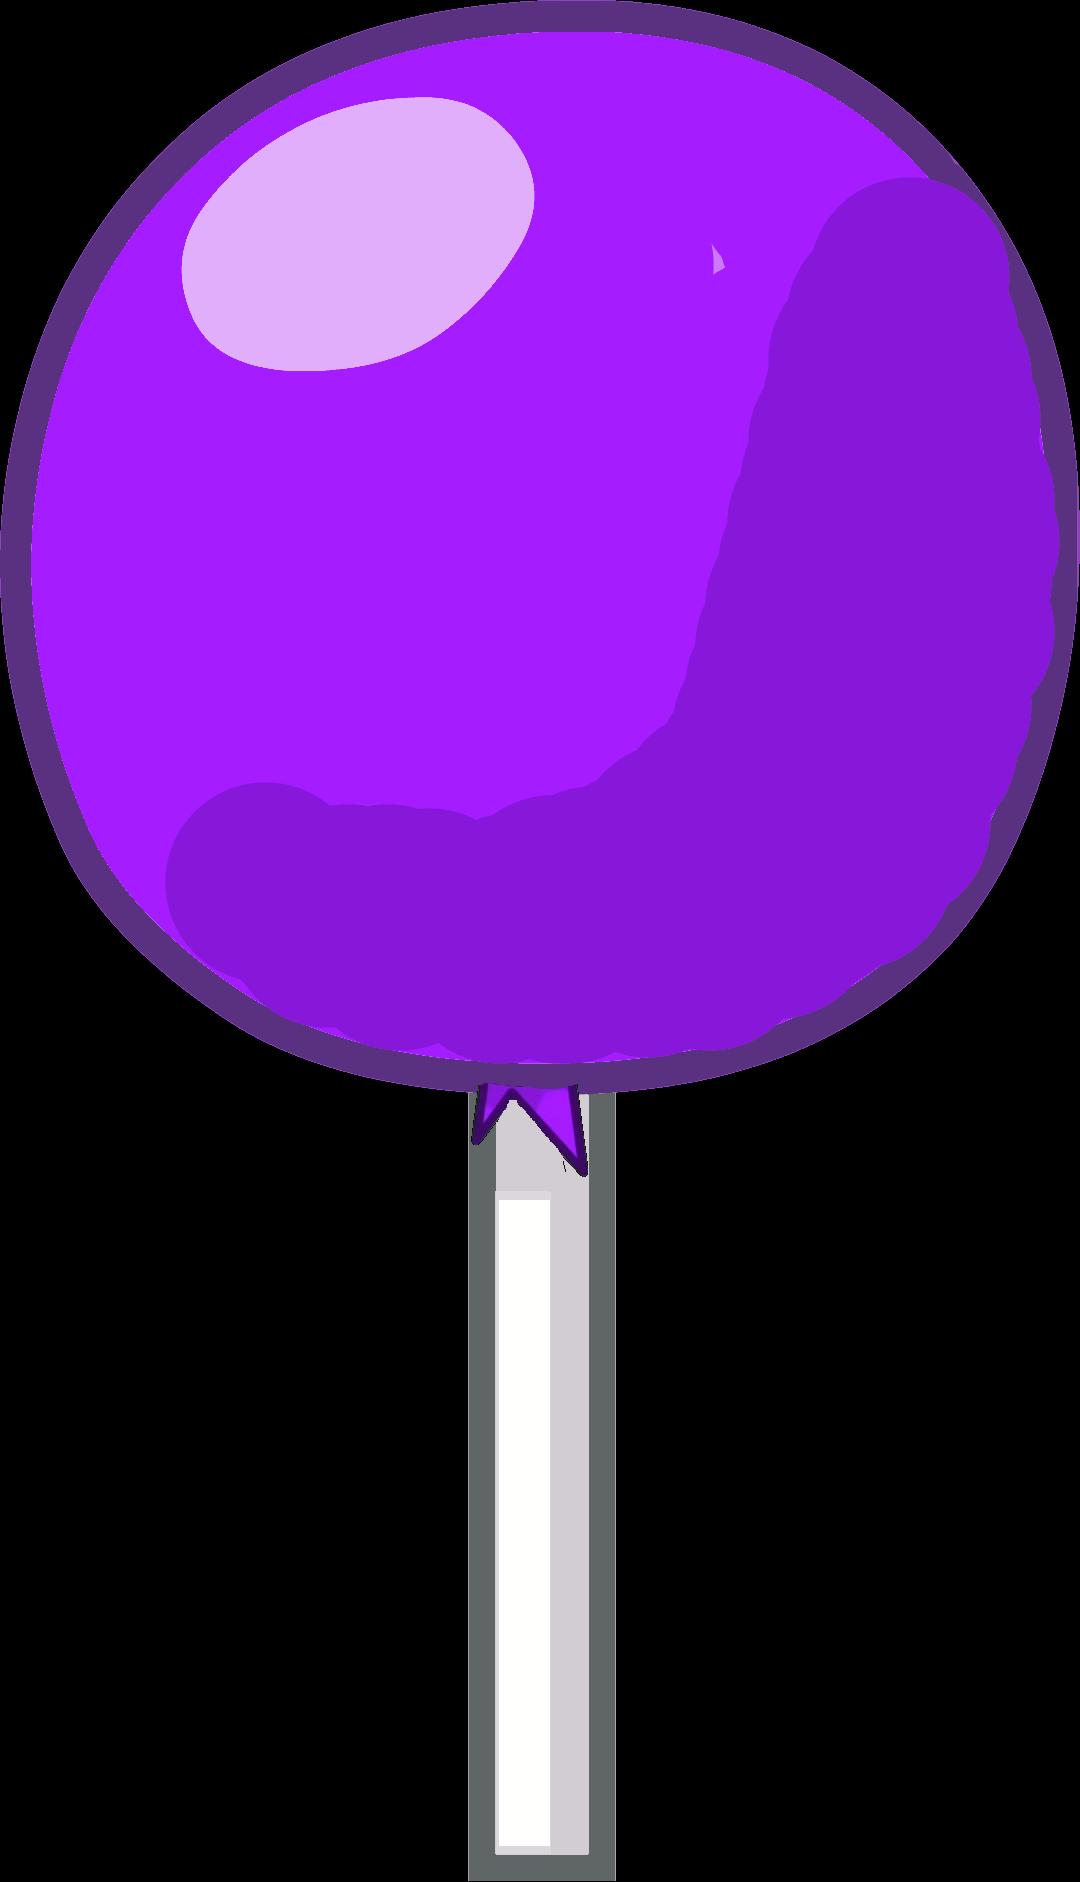 Image fanmade debut png. Lollipop clipart purple lollipop